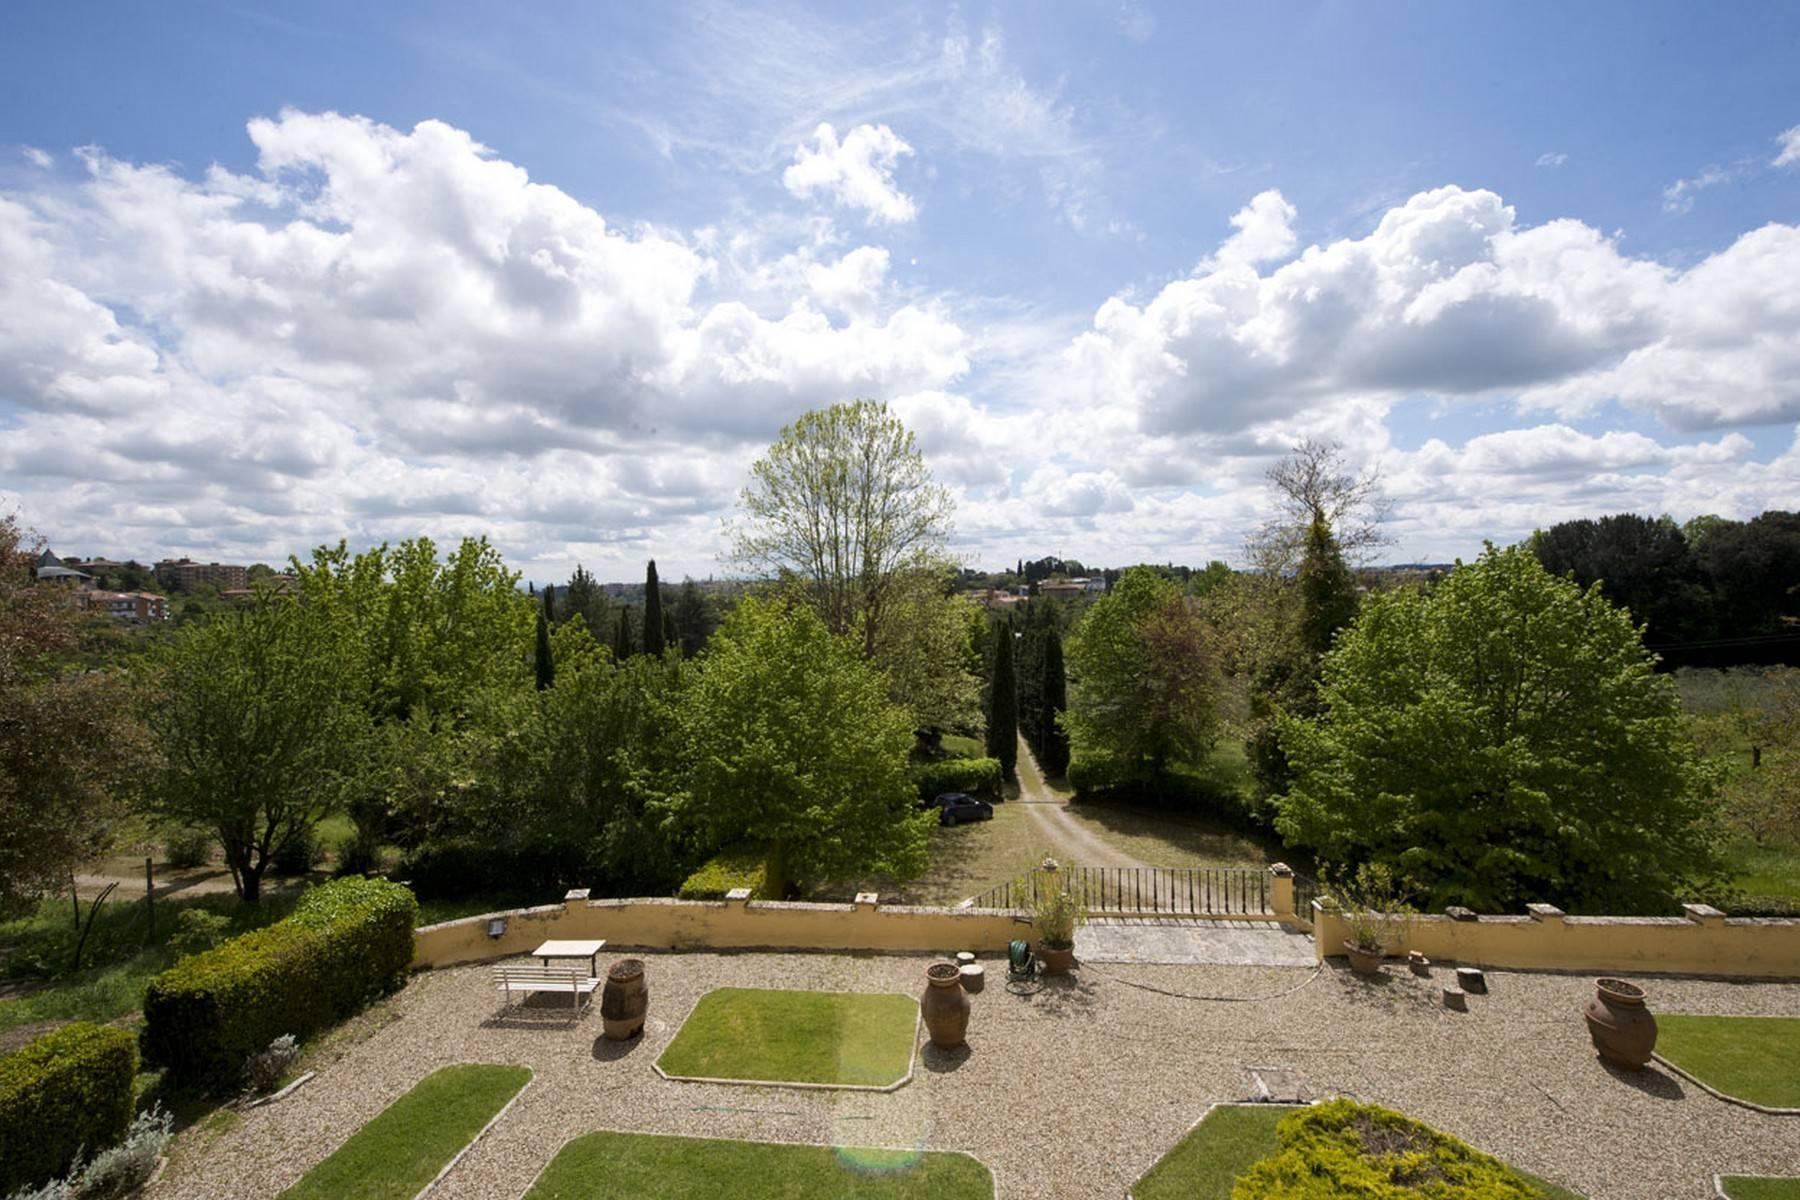 Villa aristocratique à vendre sur les collines de Sienne - 23